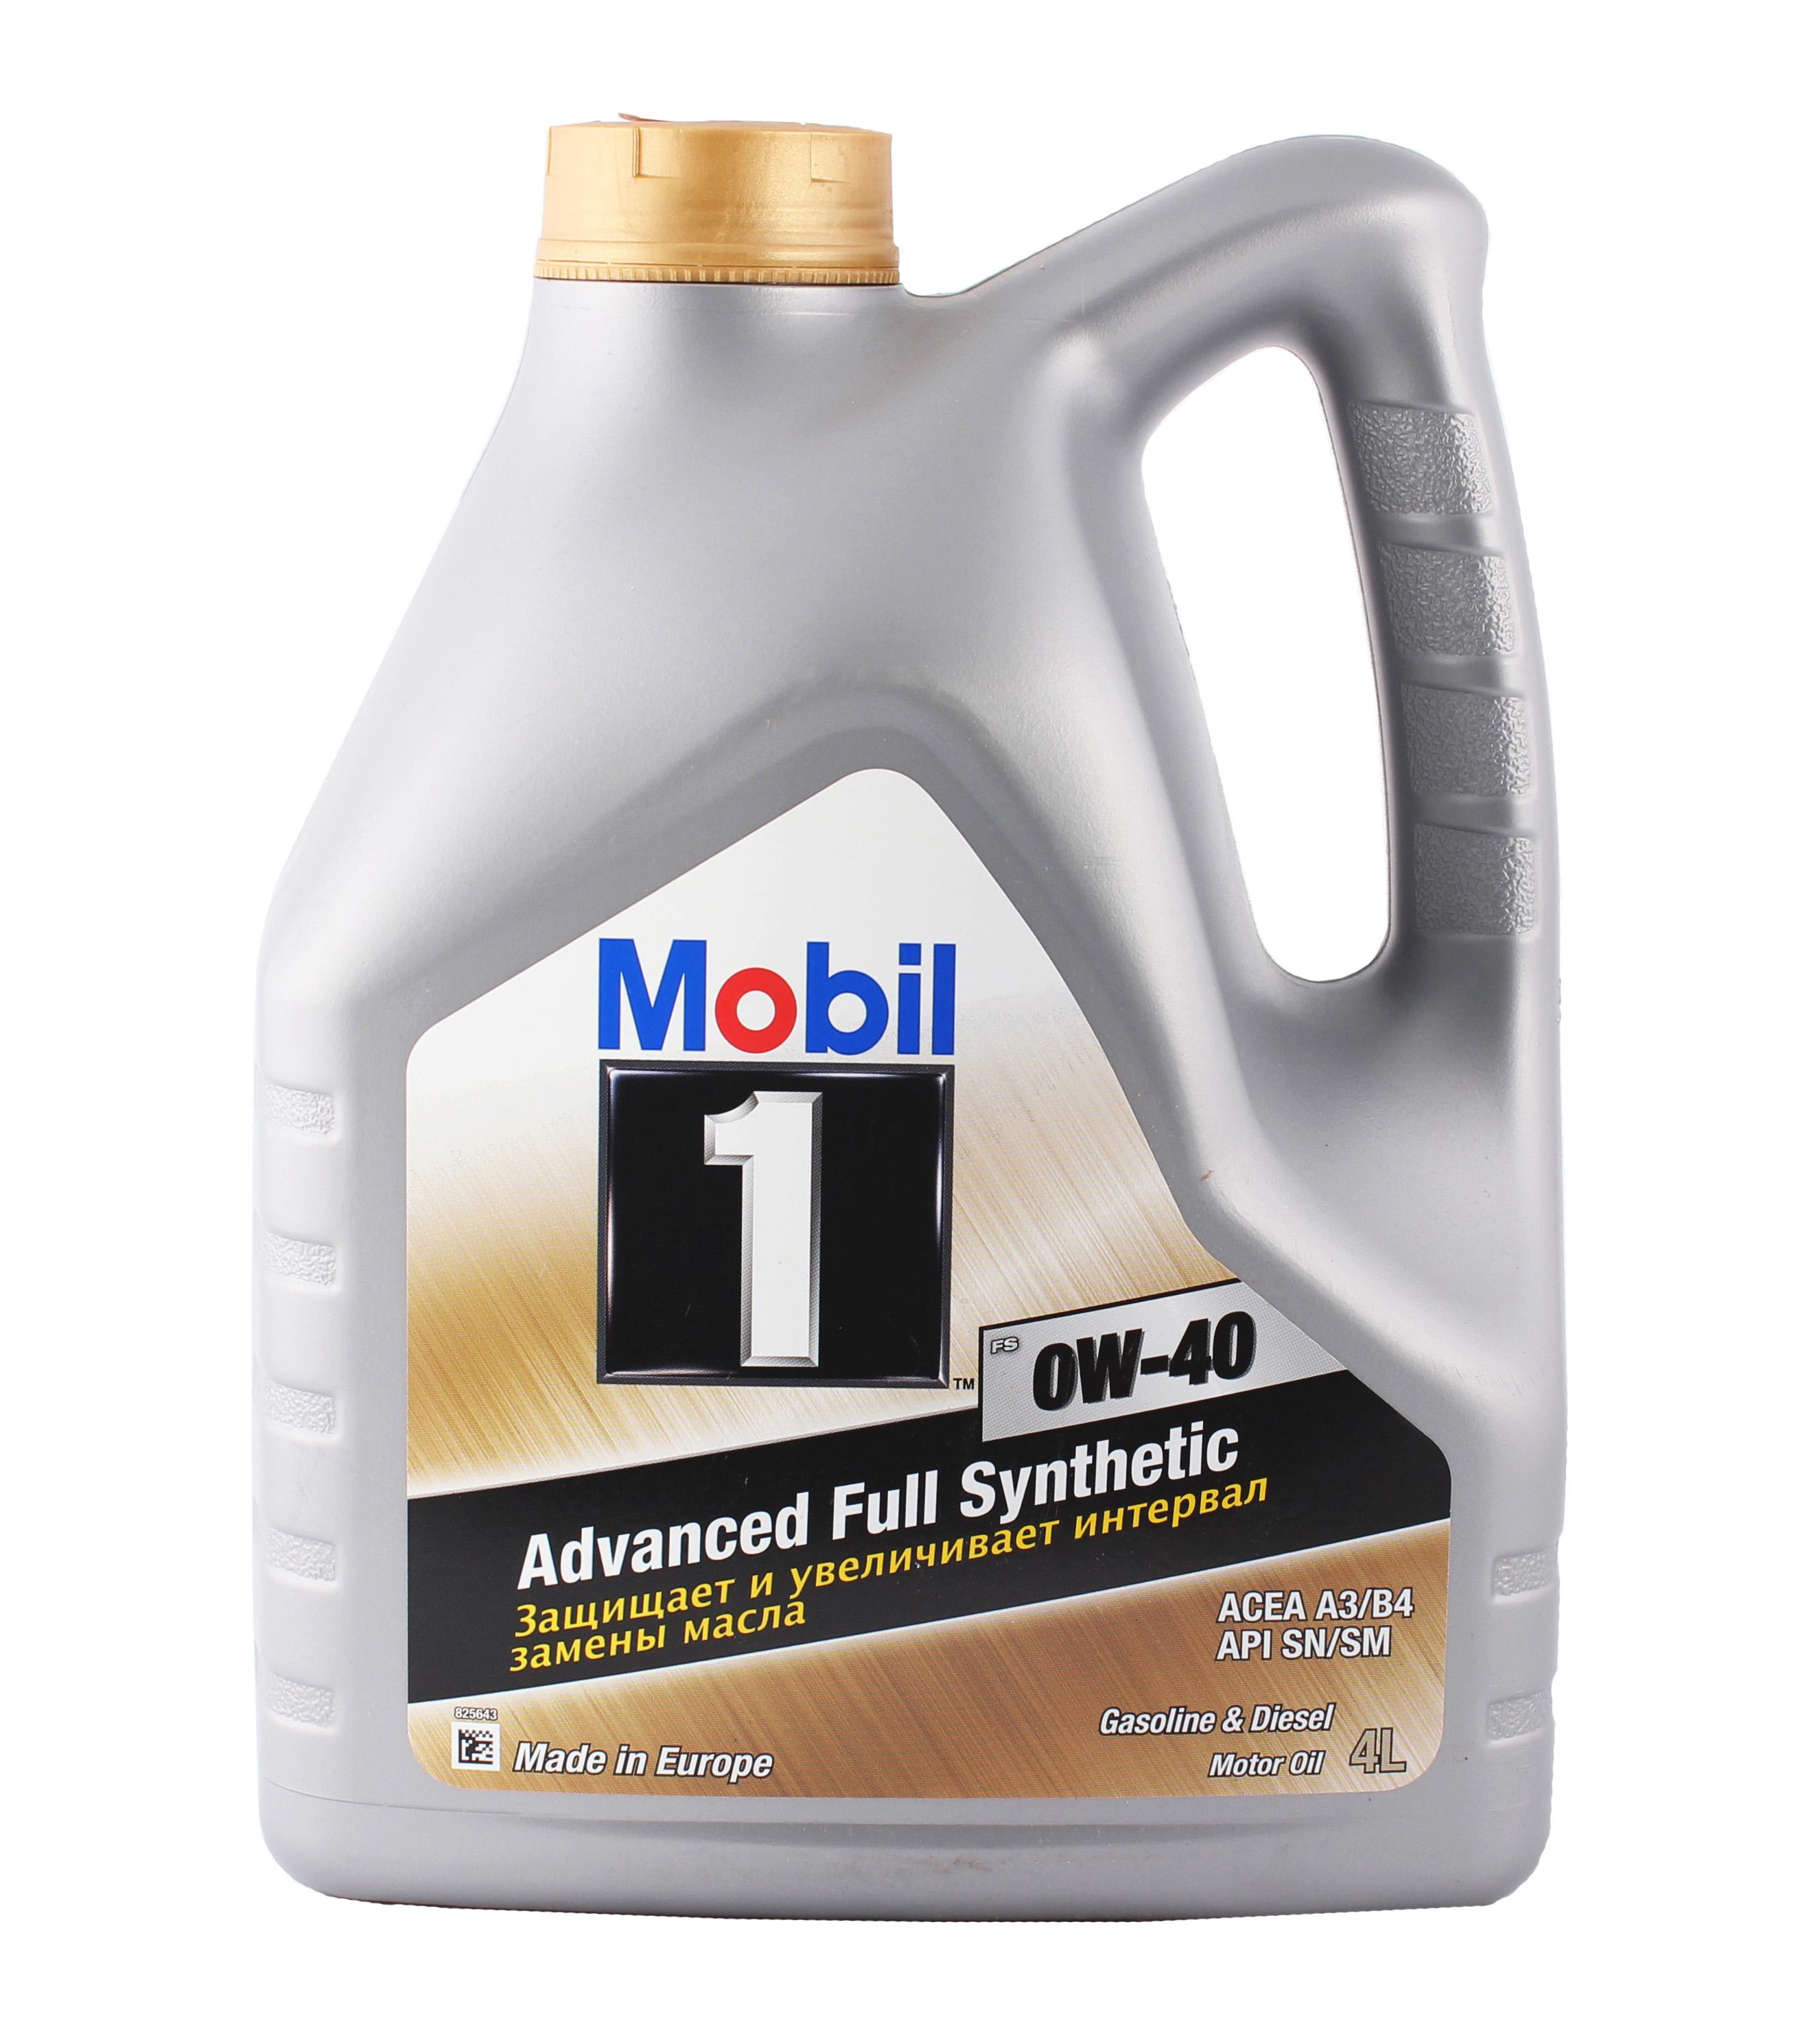 Mobil Олива мот. 1 FS 0w40 4л.